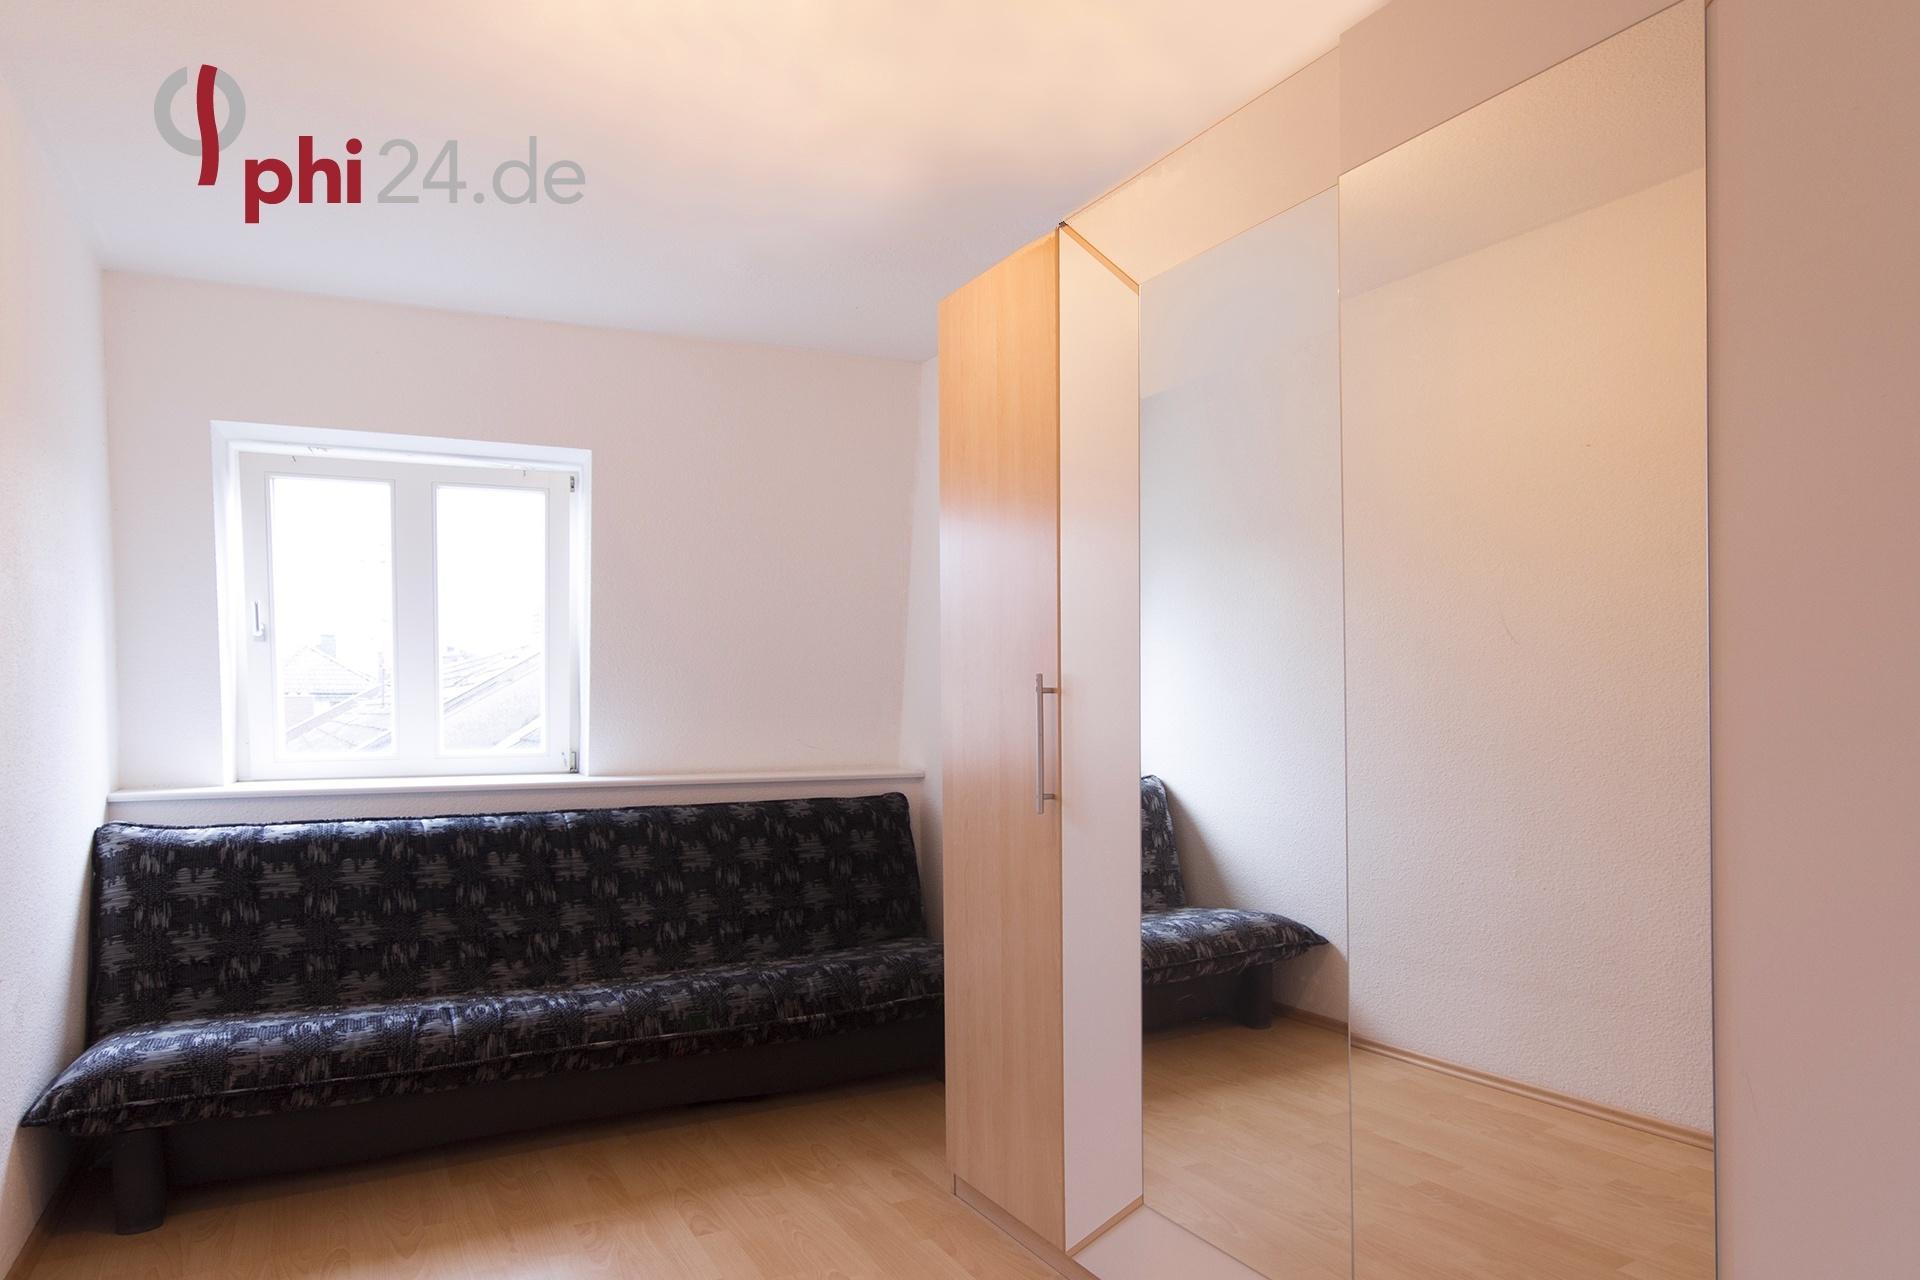 Immobilienmakler Aachen DG-Wohnung referenzen mit Immobilienbewertung